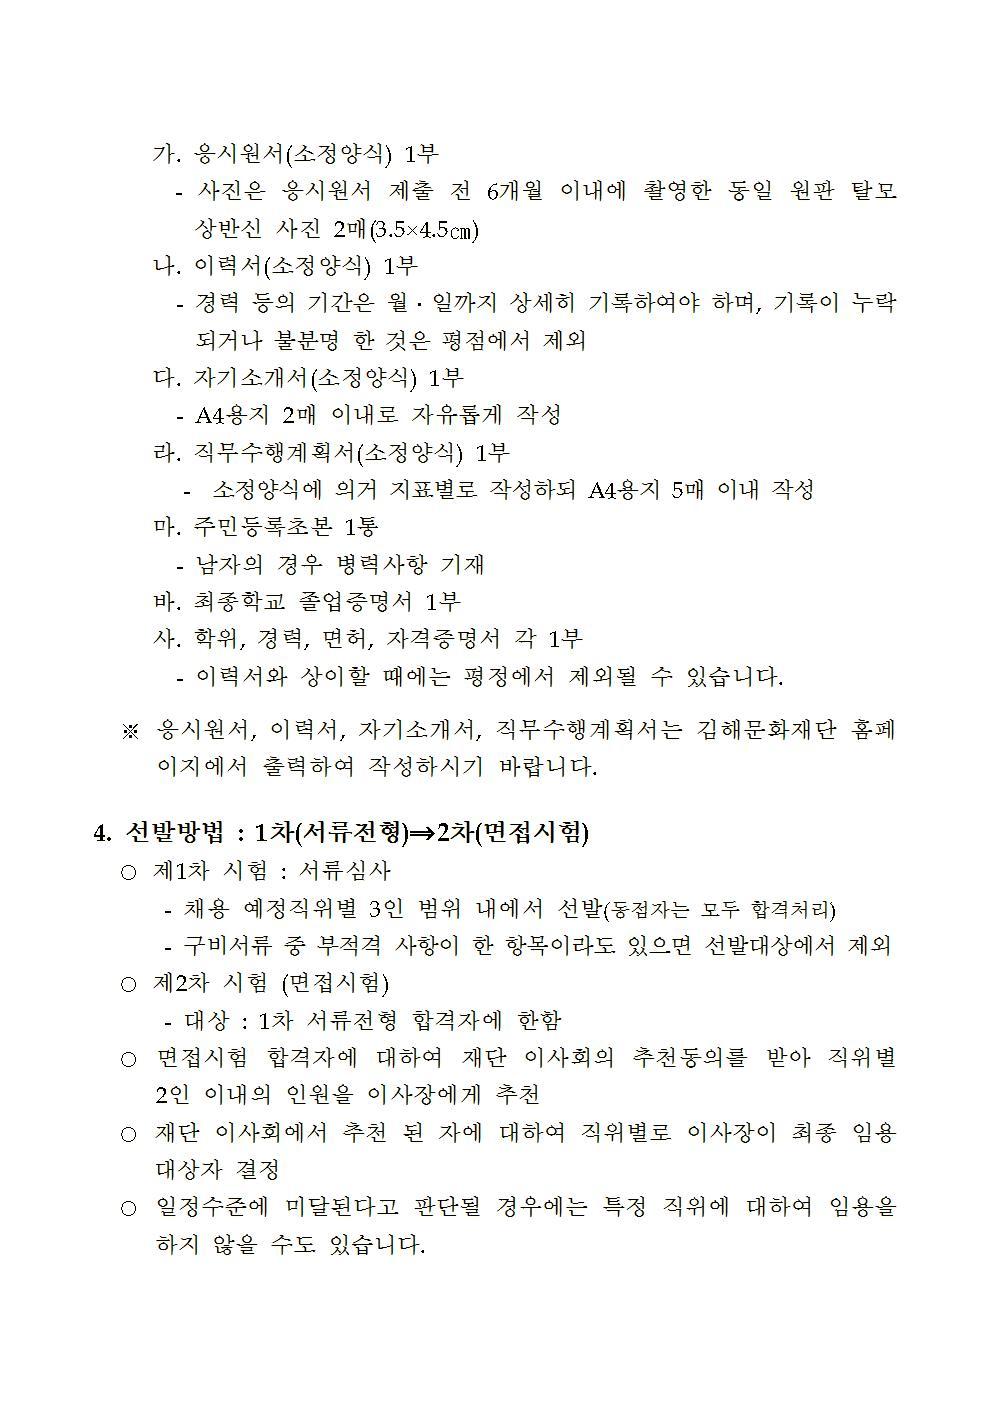 위촉직(테마파크 사장 및 운영국장) 채용공고003